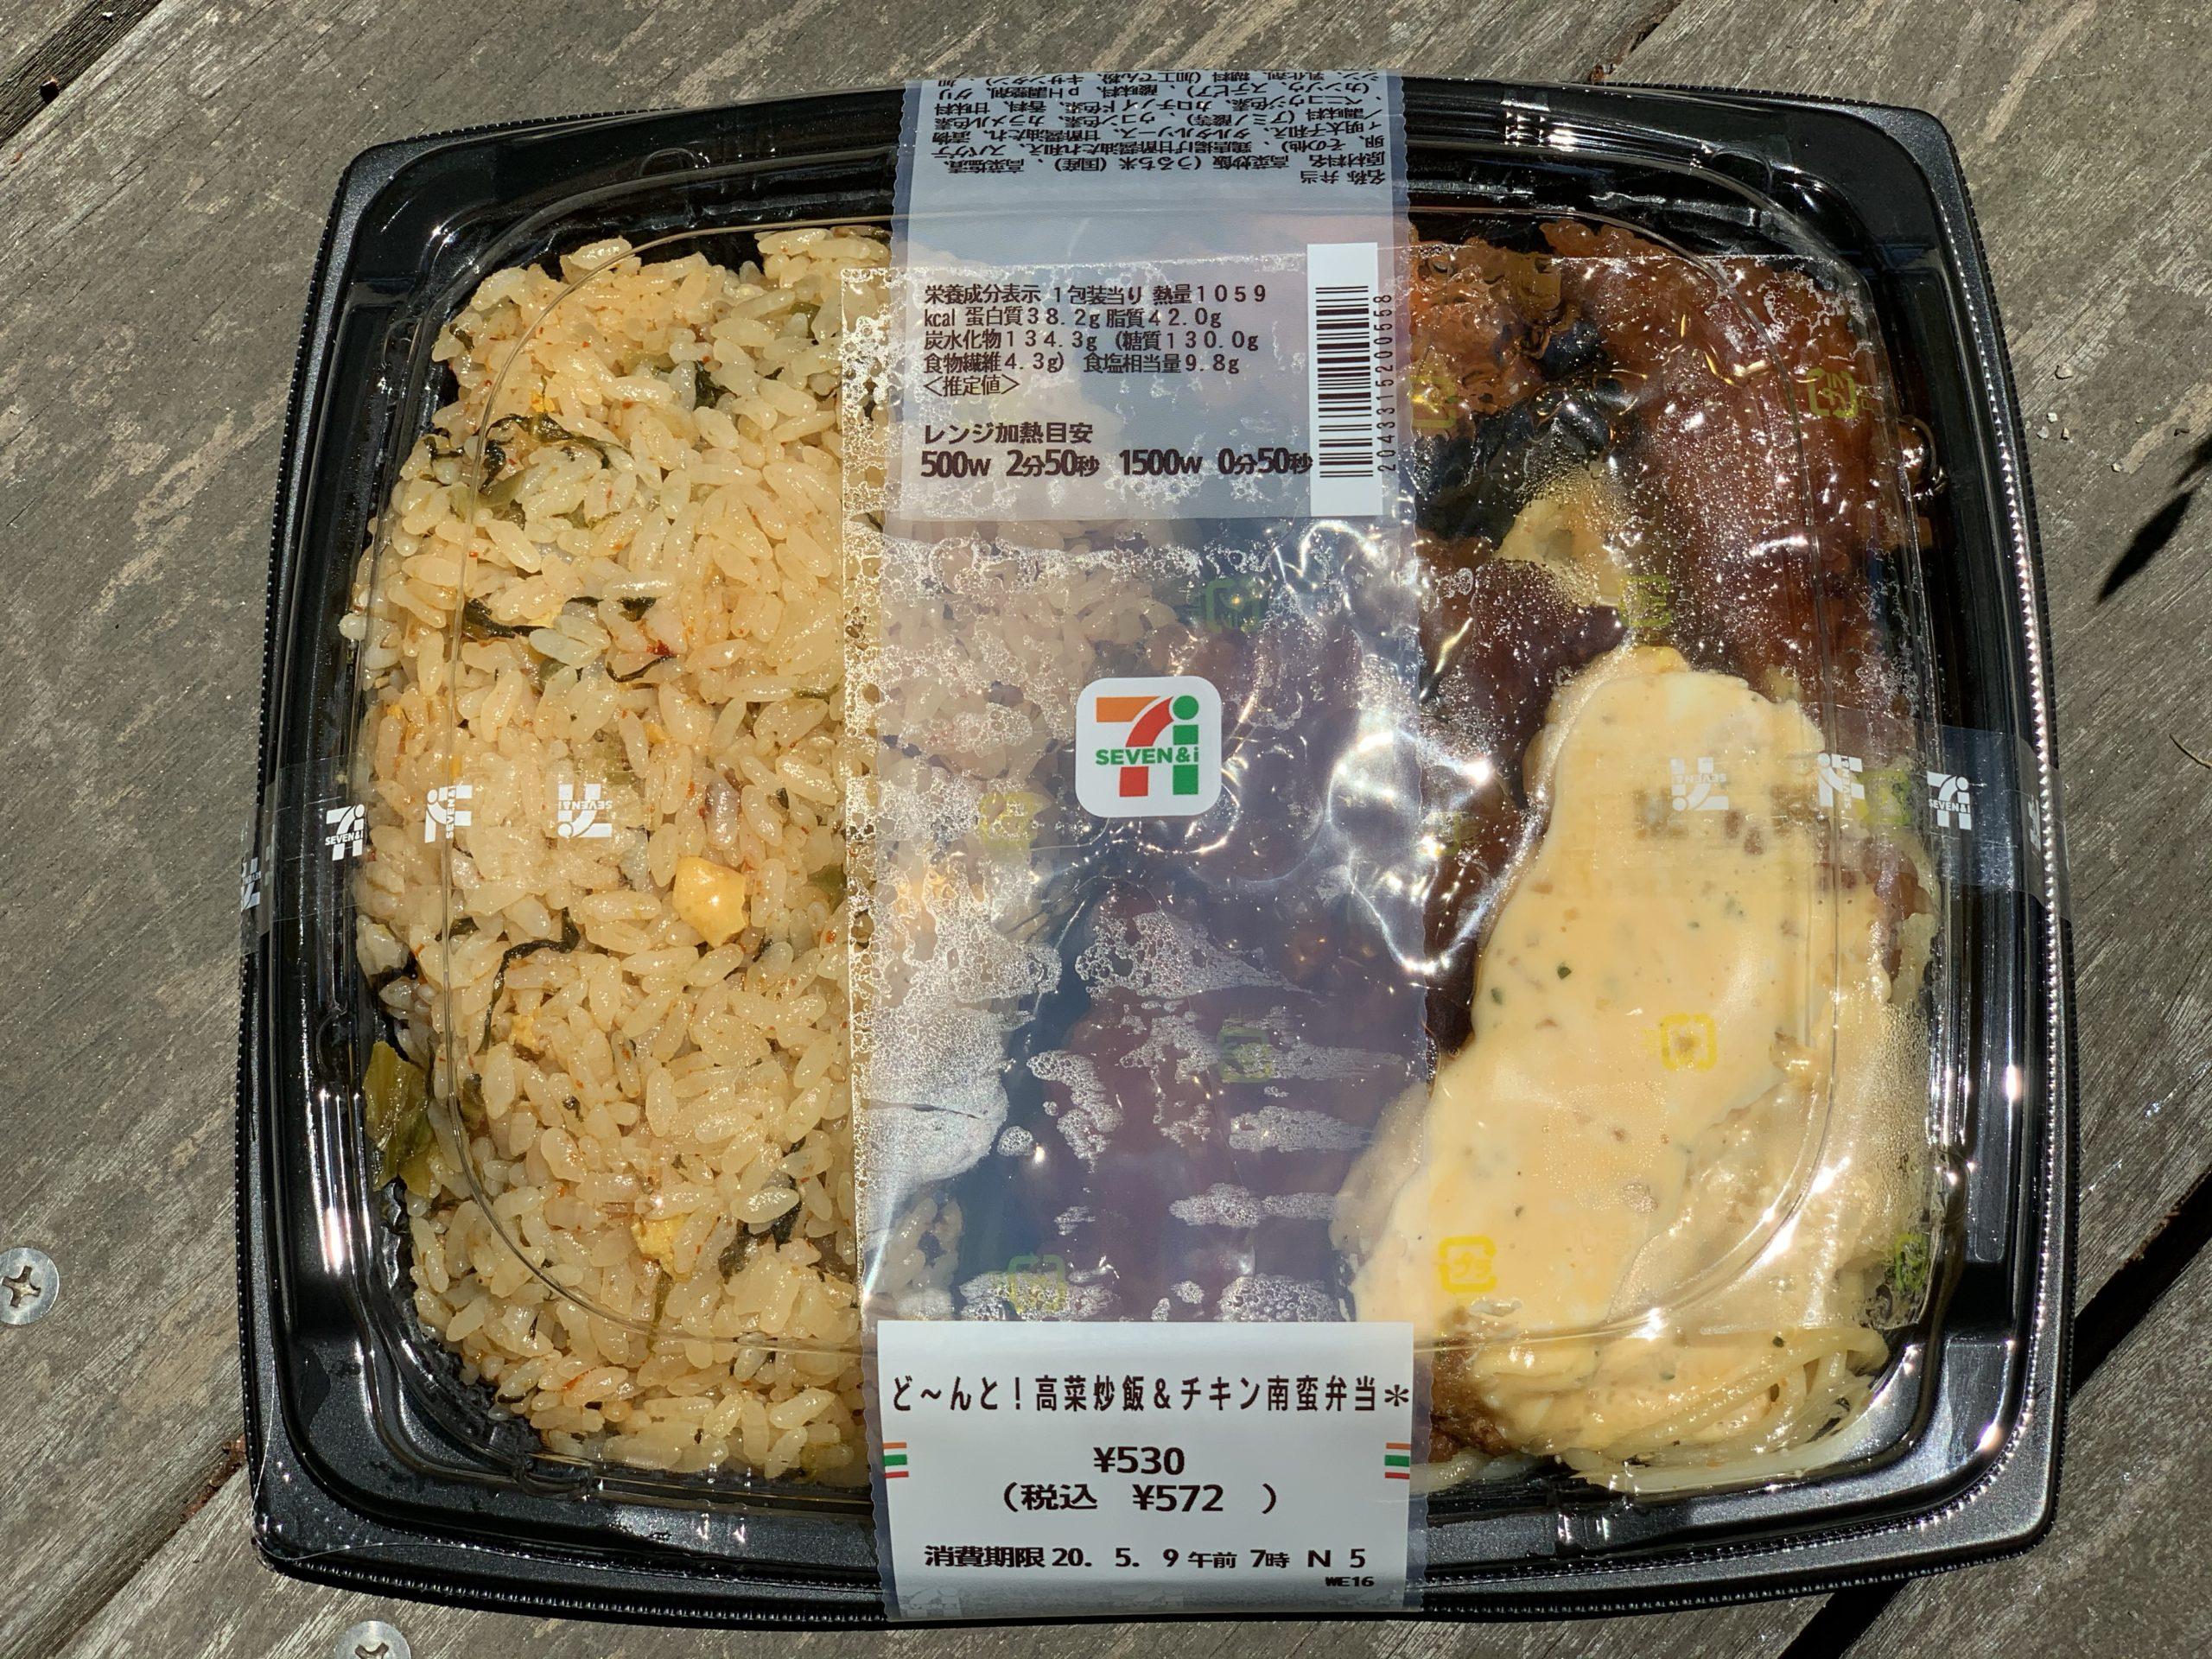 高菜炒飯とチキン南蛮弁当のパッケージ